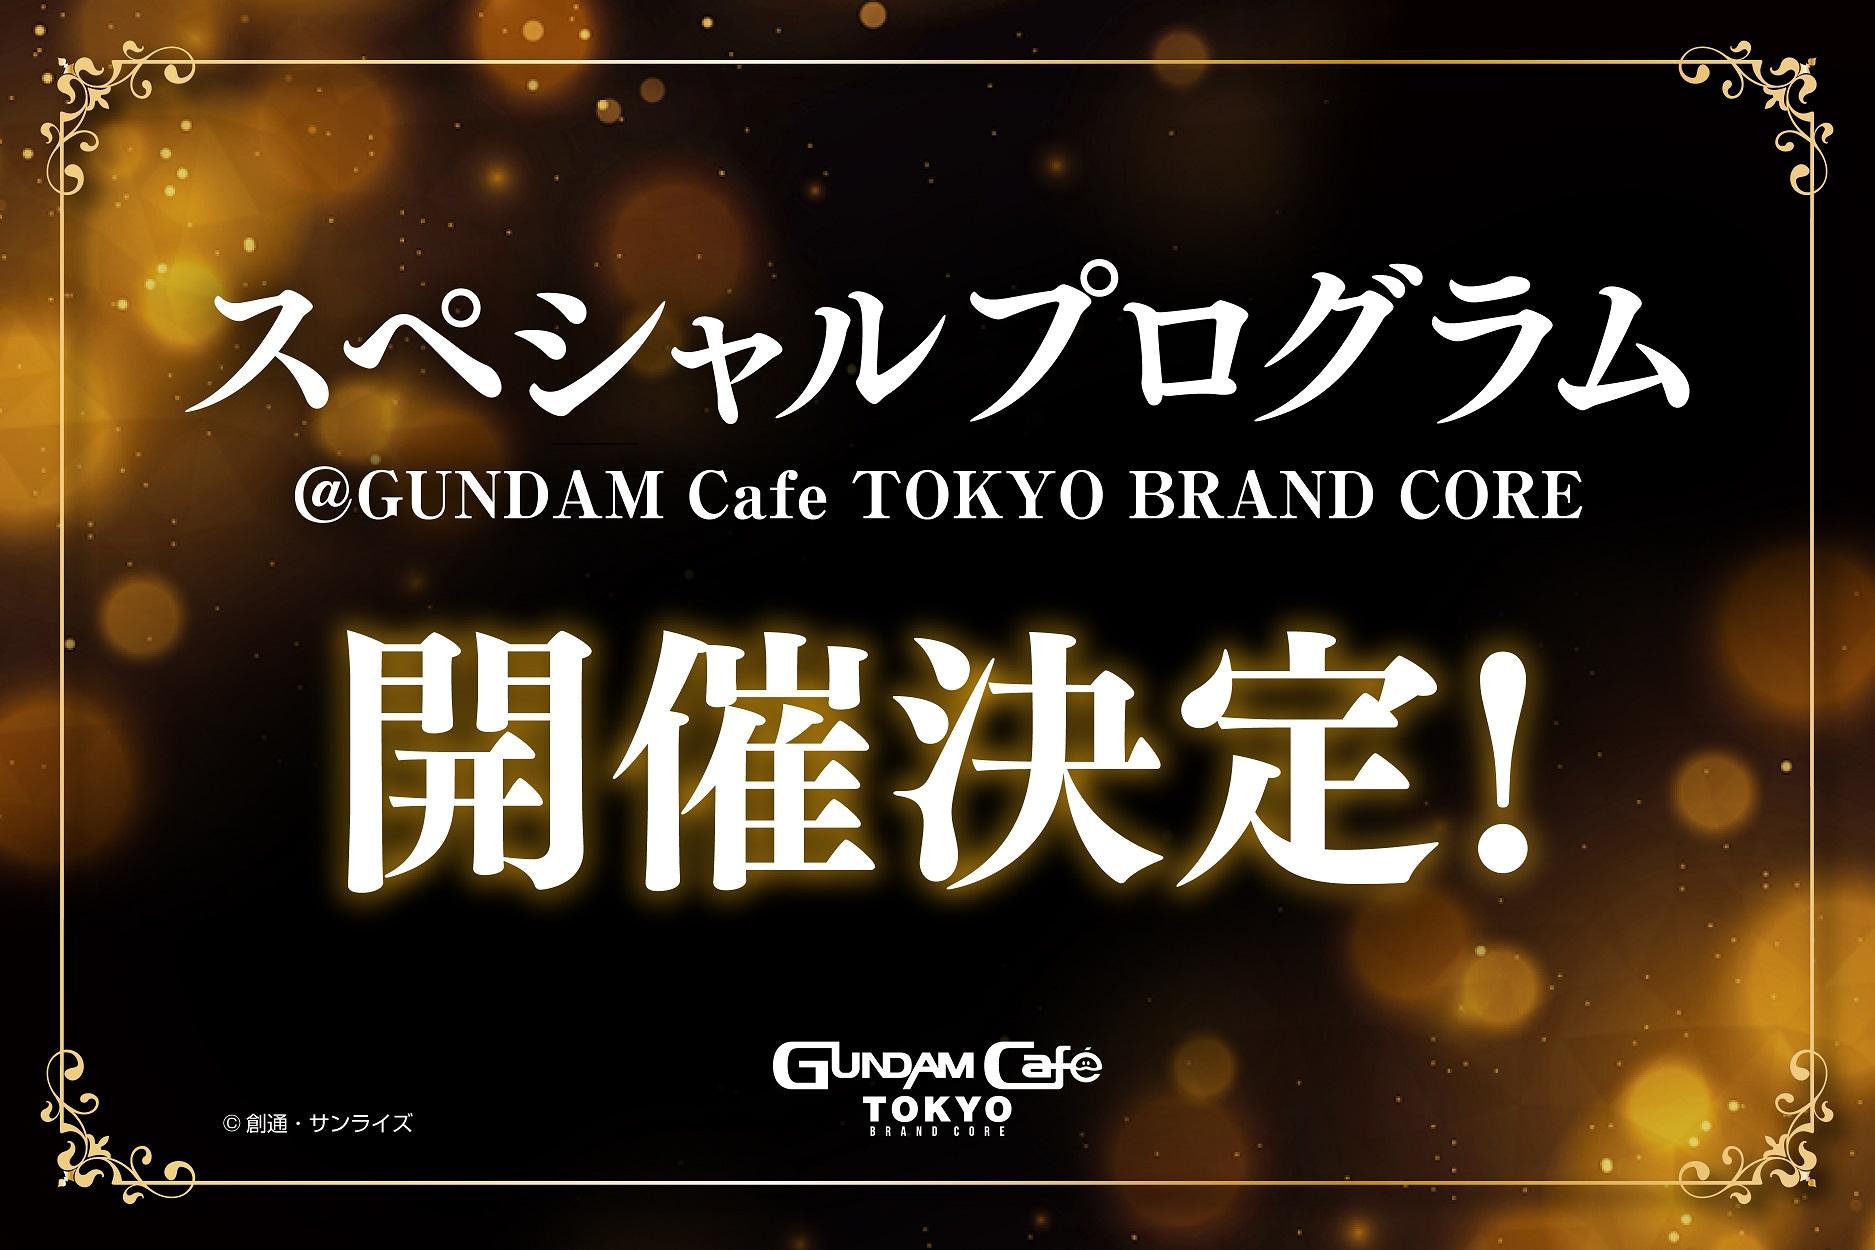 【ガンダムカフェ大阪道頓堀9/6】スペシャルプログラム@GUNDAM Café TOKYO BRAND CORE 特別コース付きライブビューイング